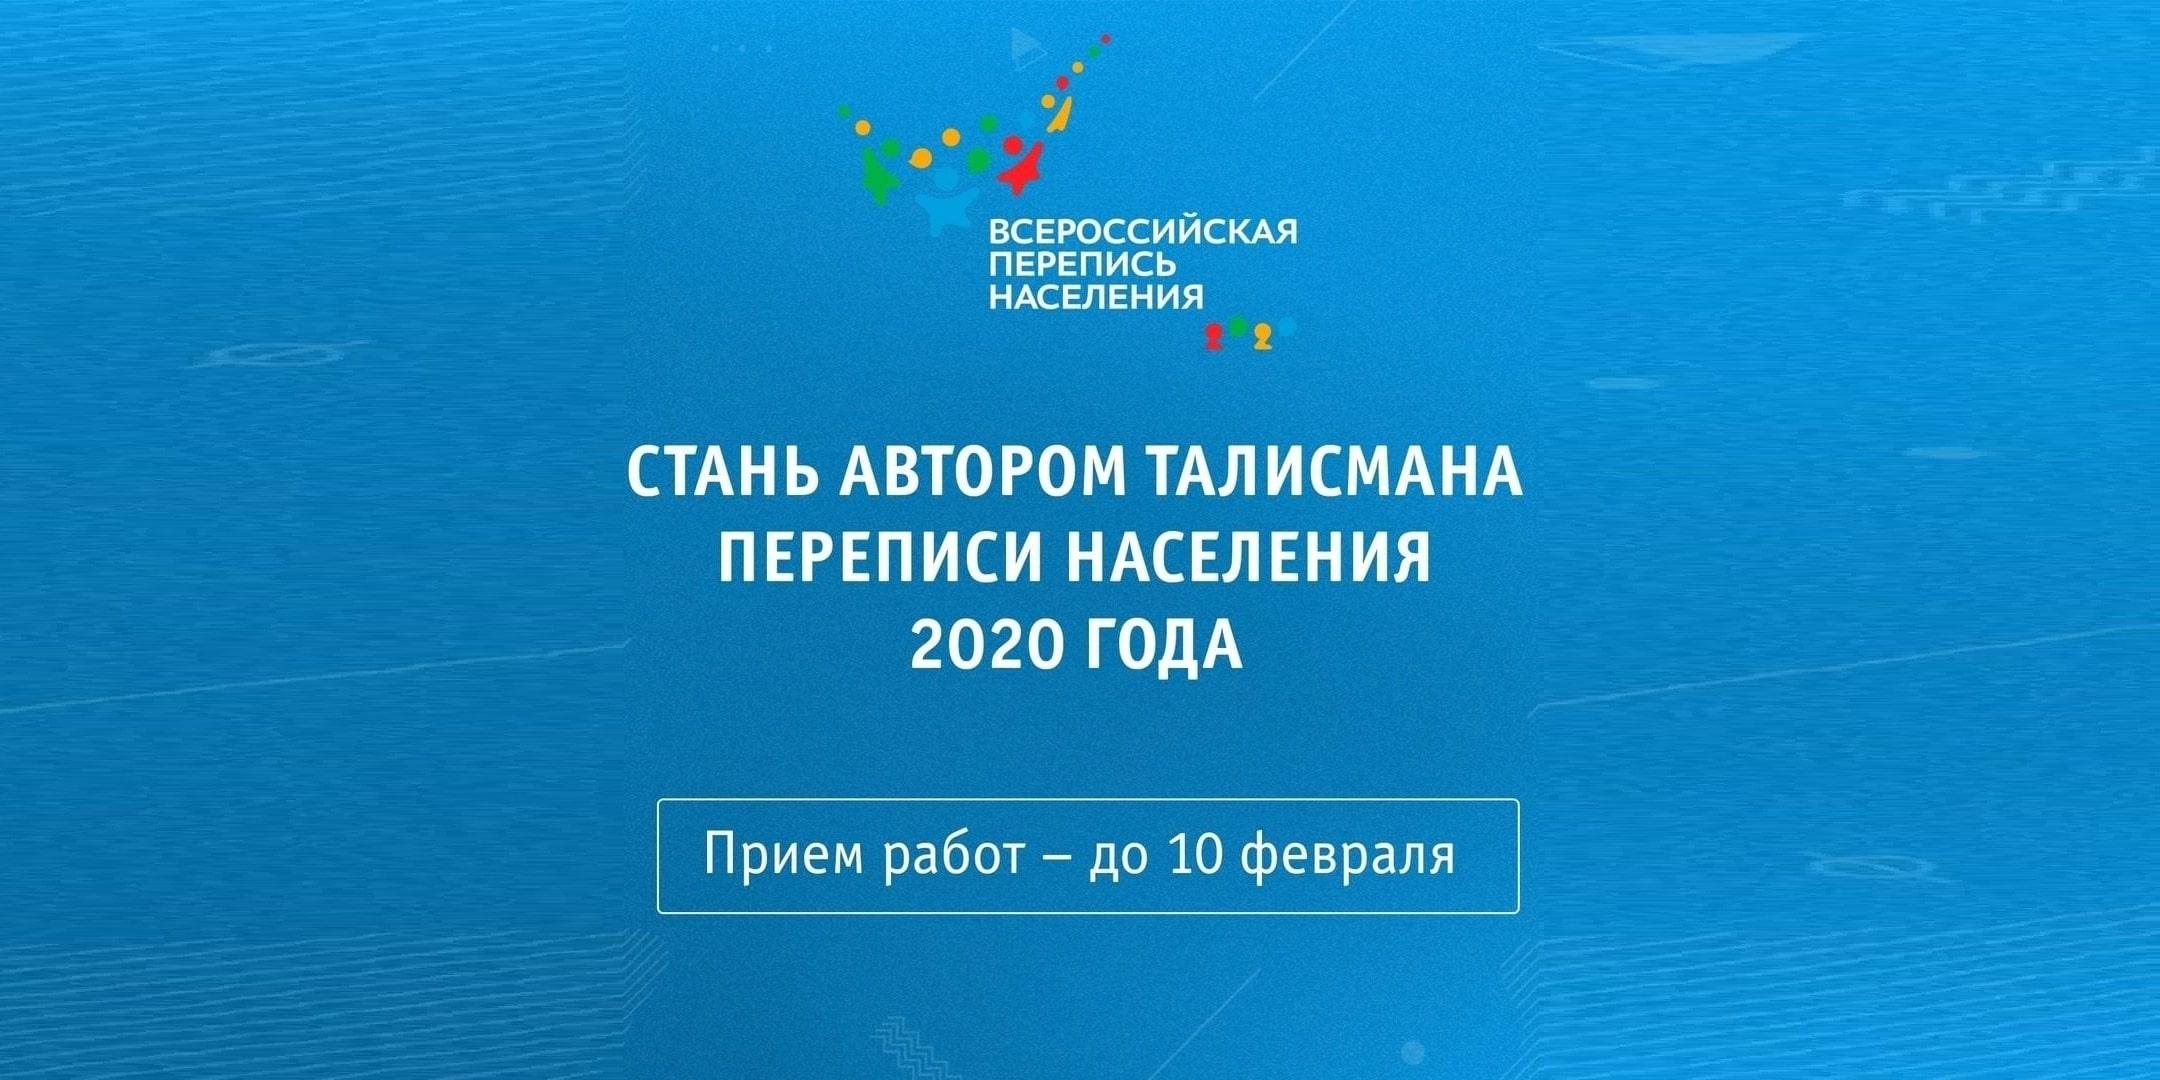 Lyuberchane-mogut-predlozhit'-talismany-dlya-budushchej-Vserossijskoj-perepisi-naseleniya-2020.jpeg